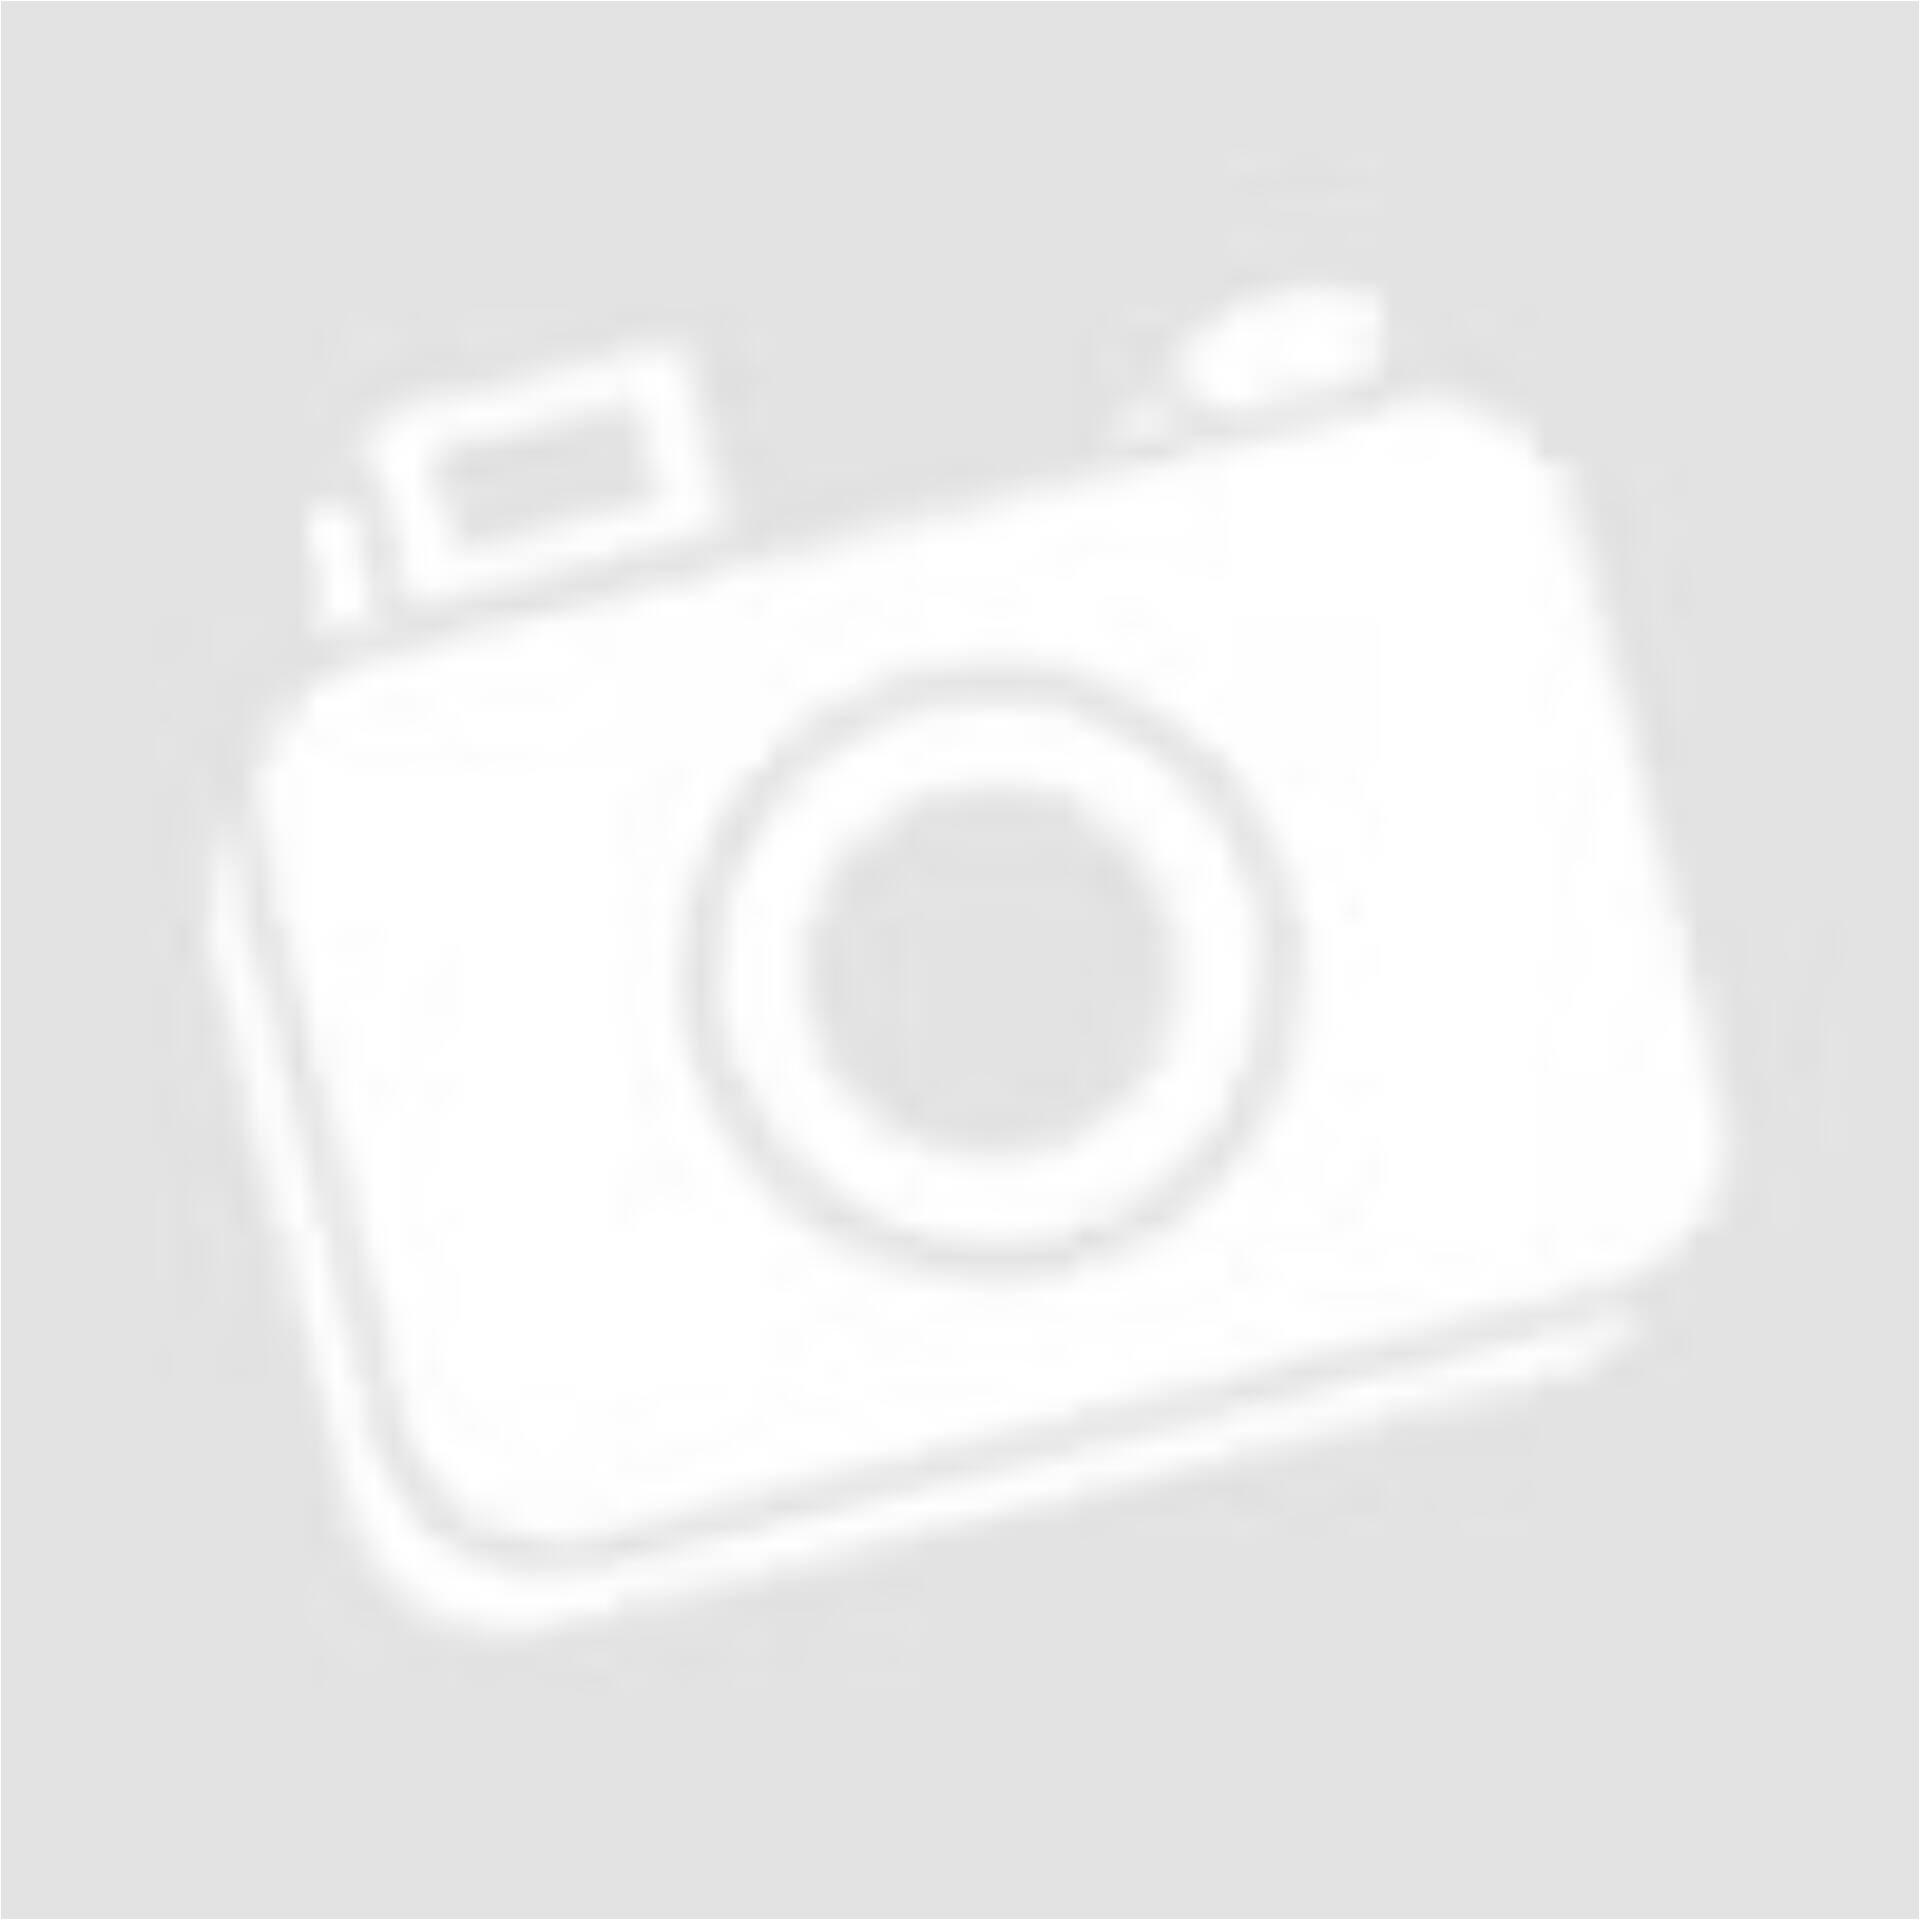 bb17a067e42a CEDAR WOOD STATE szürke férfi ing (Méret: XL) - Ing - Öltözz ki ...